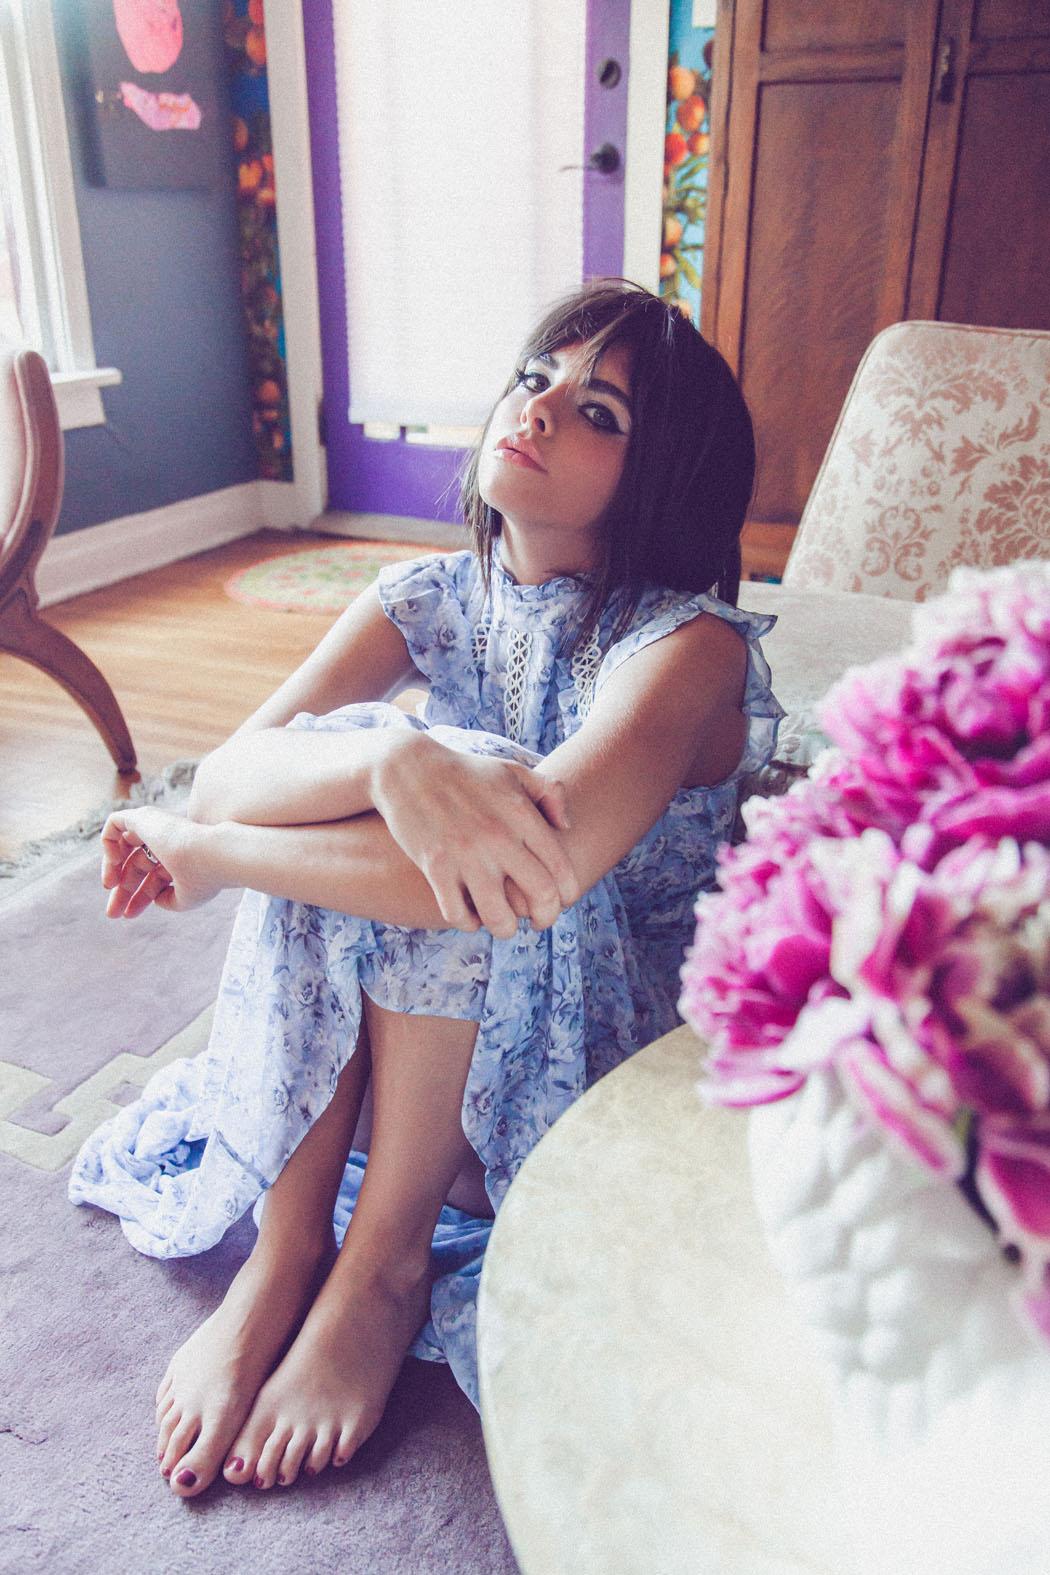 Hot Jasmine Alleva Pictures - Barnorama